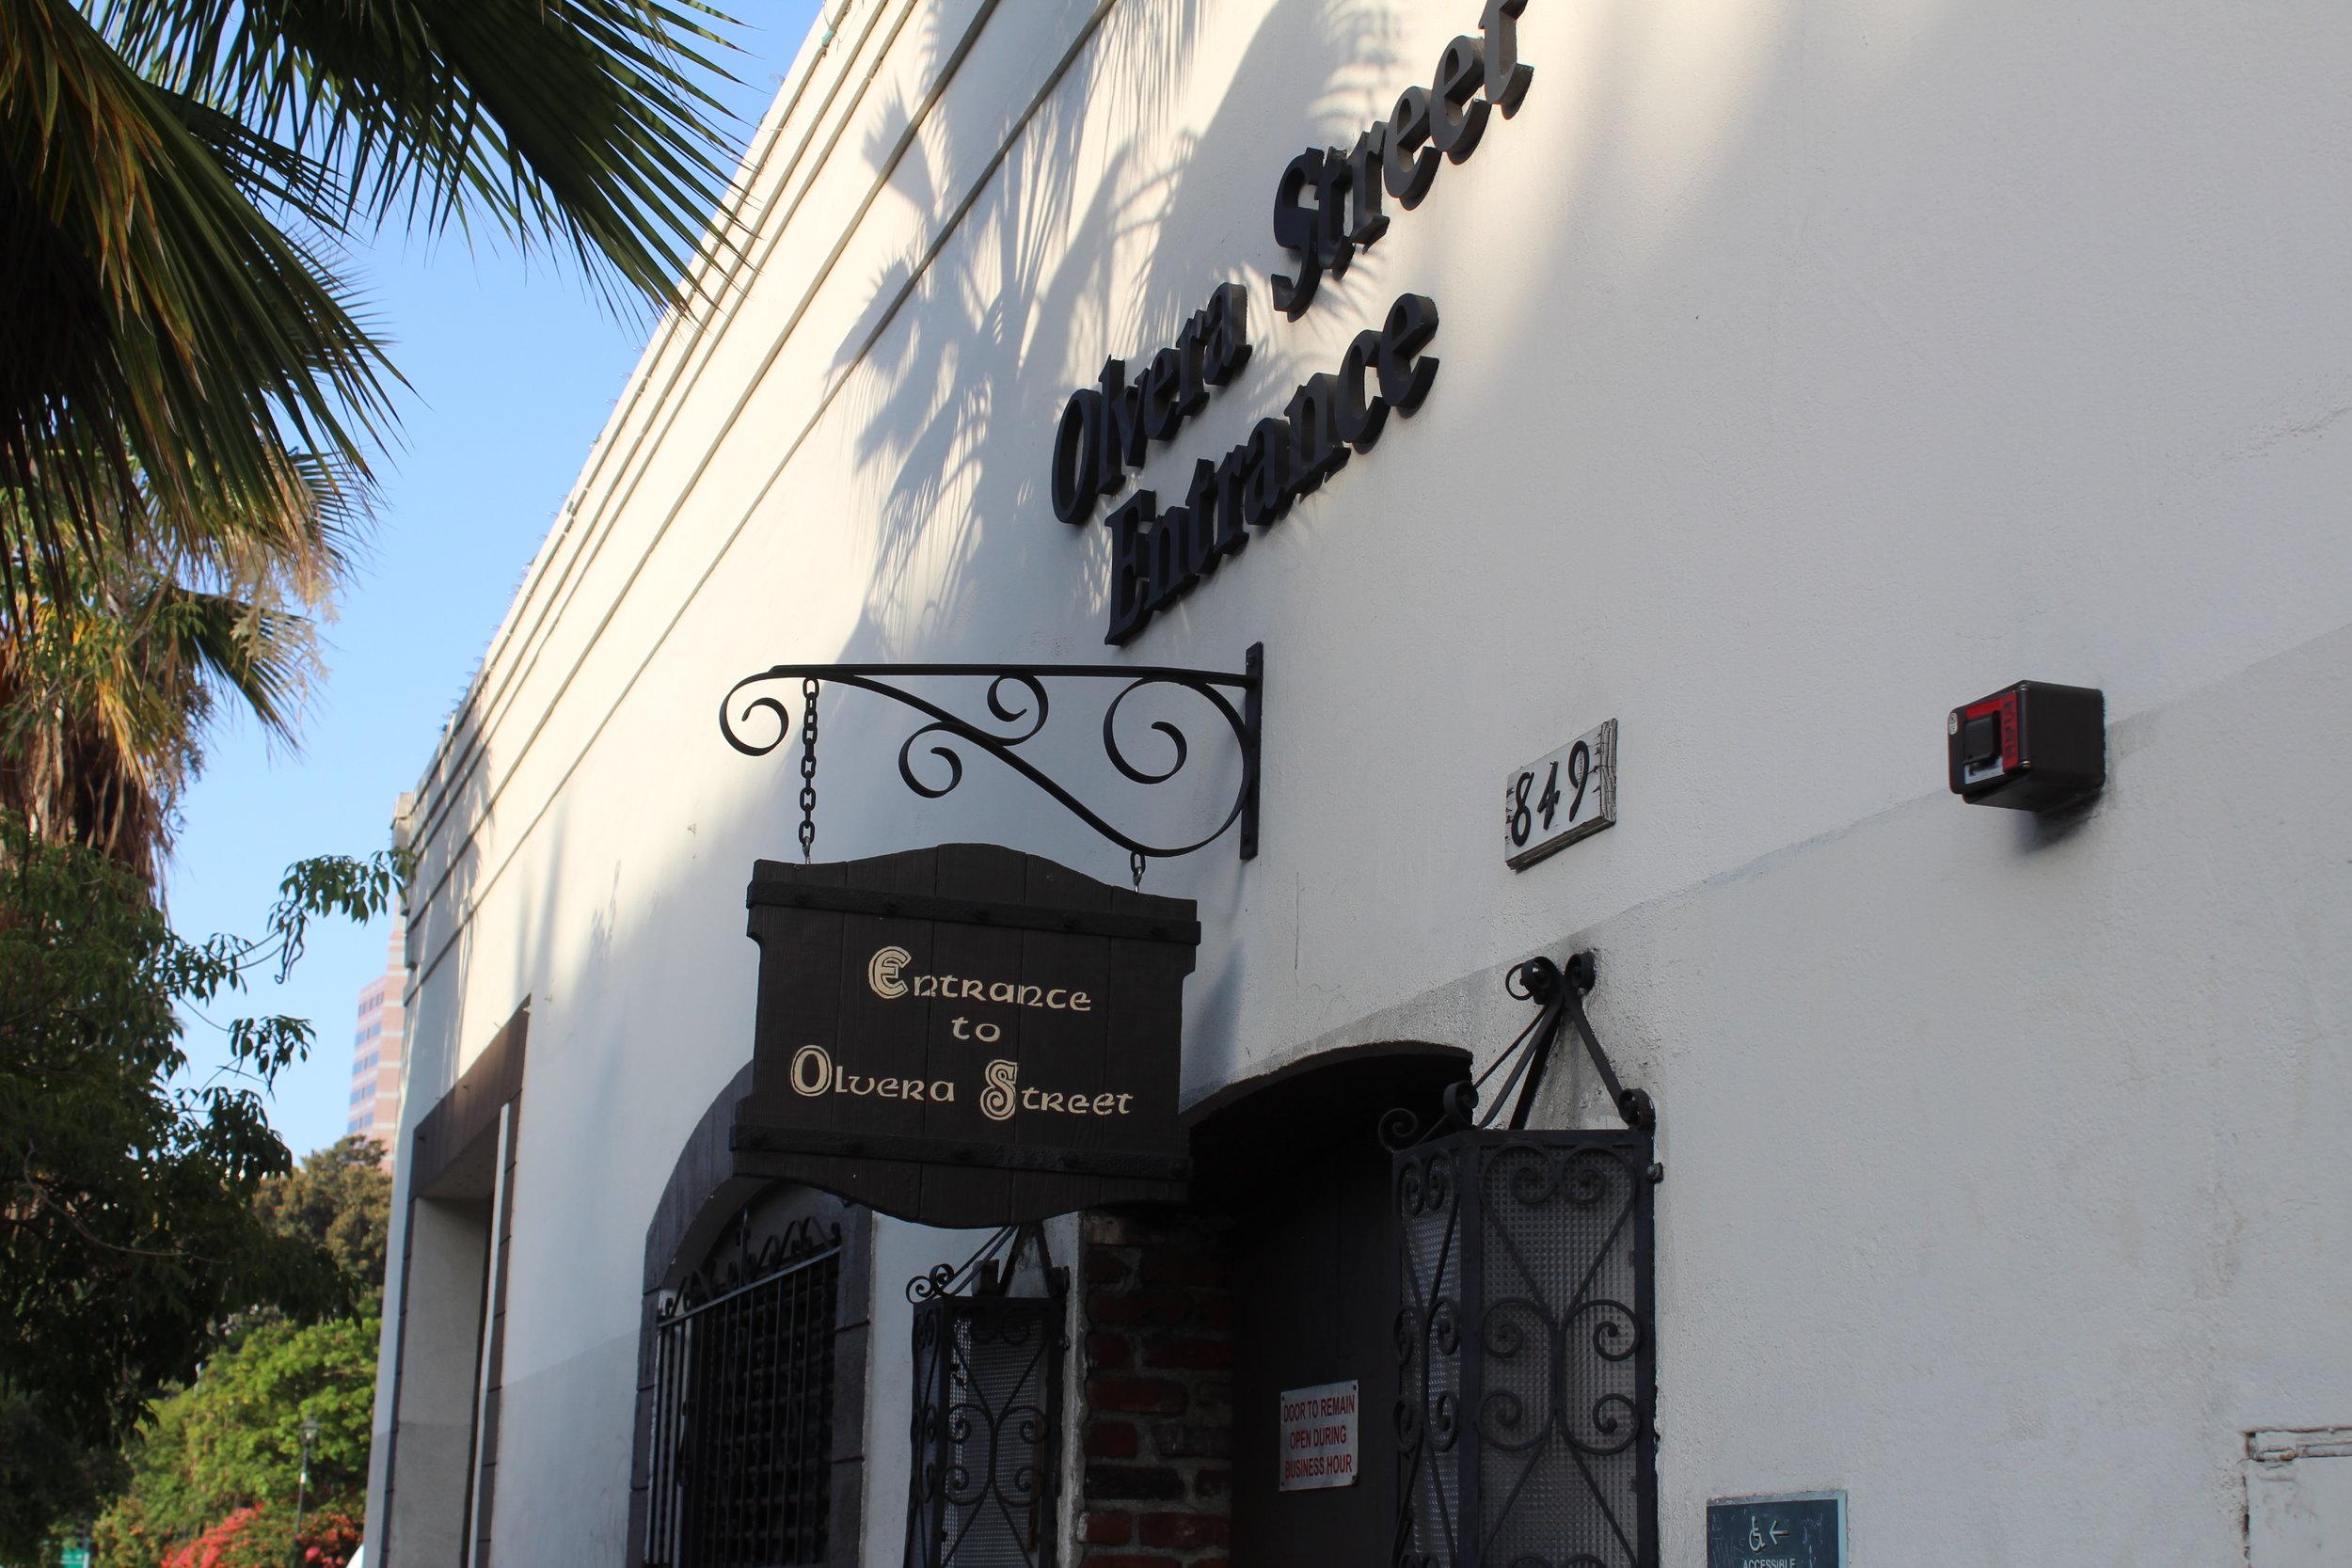 El Pueblo Winery on Olvera Street